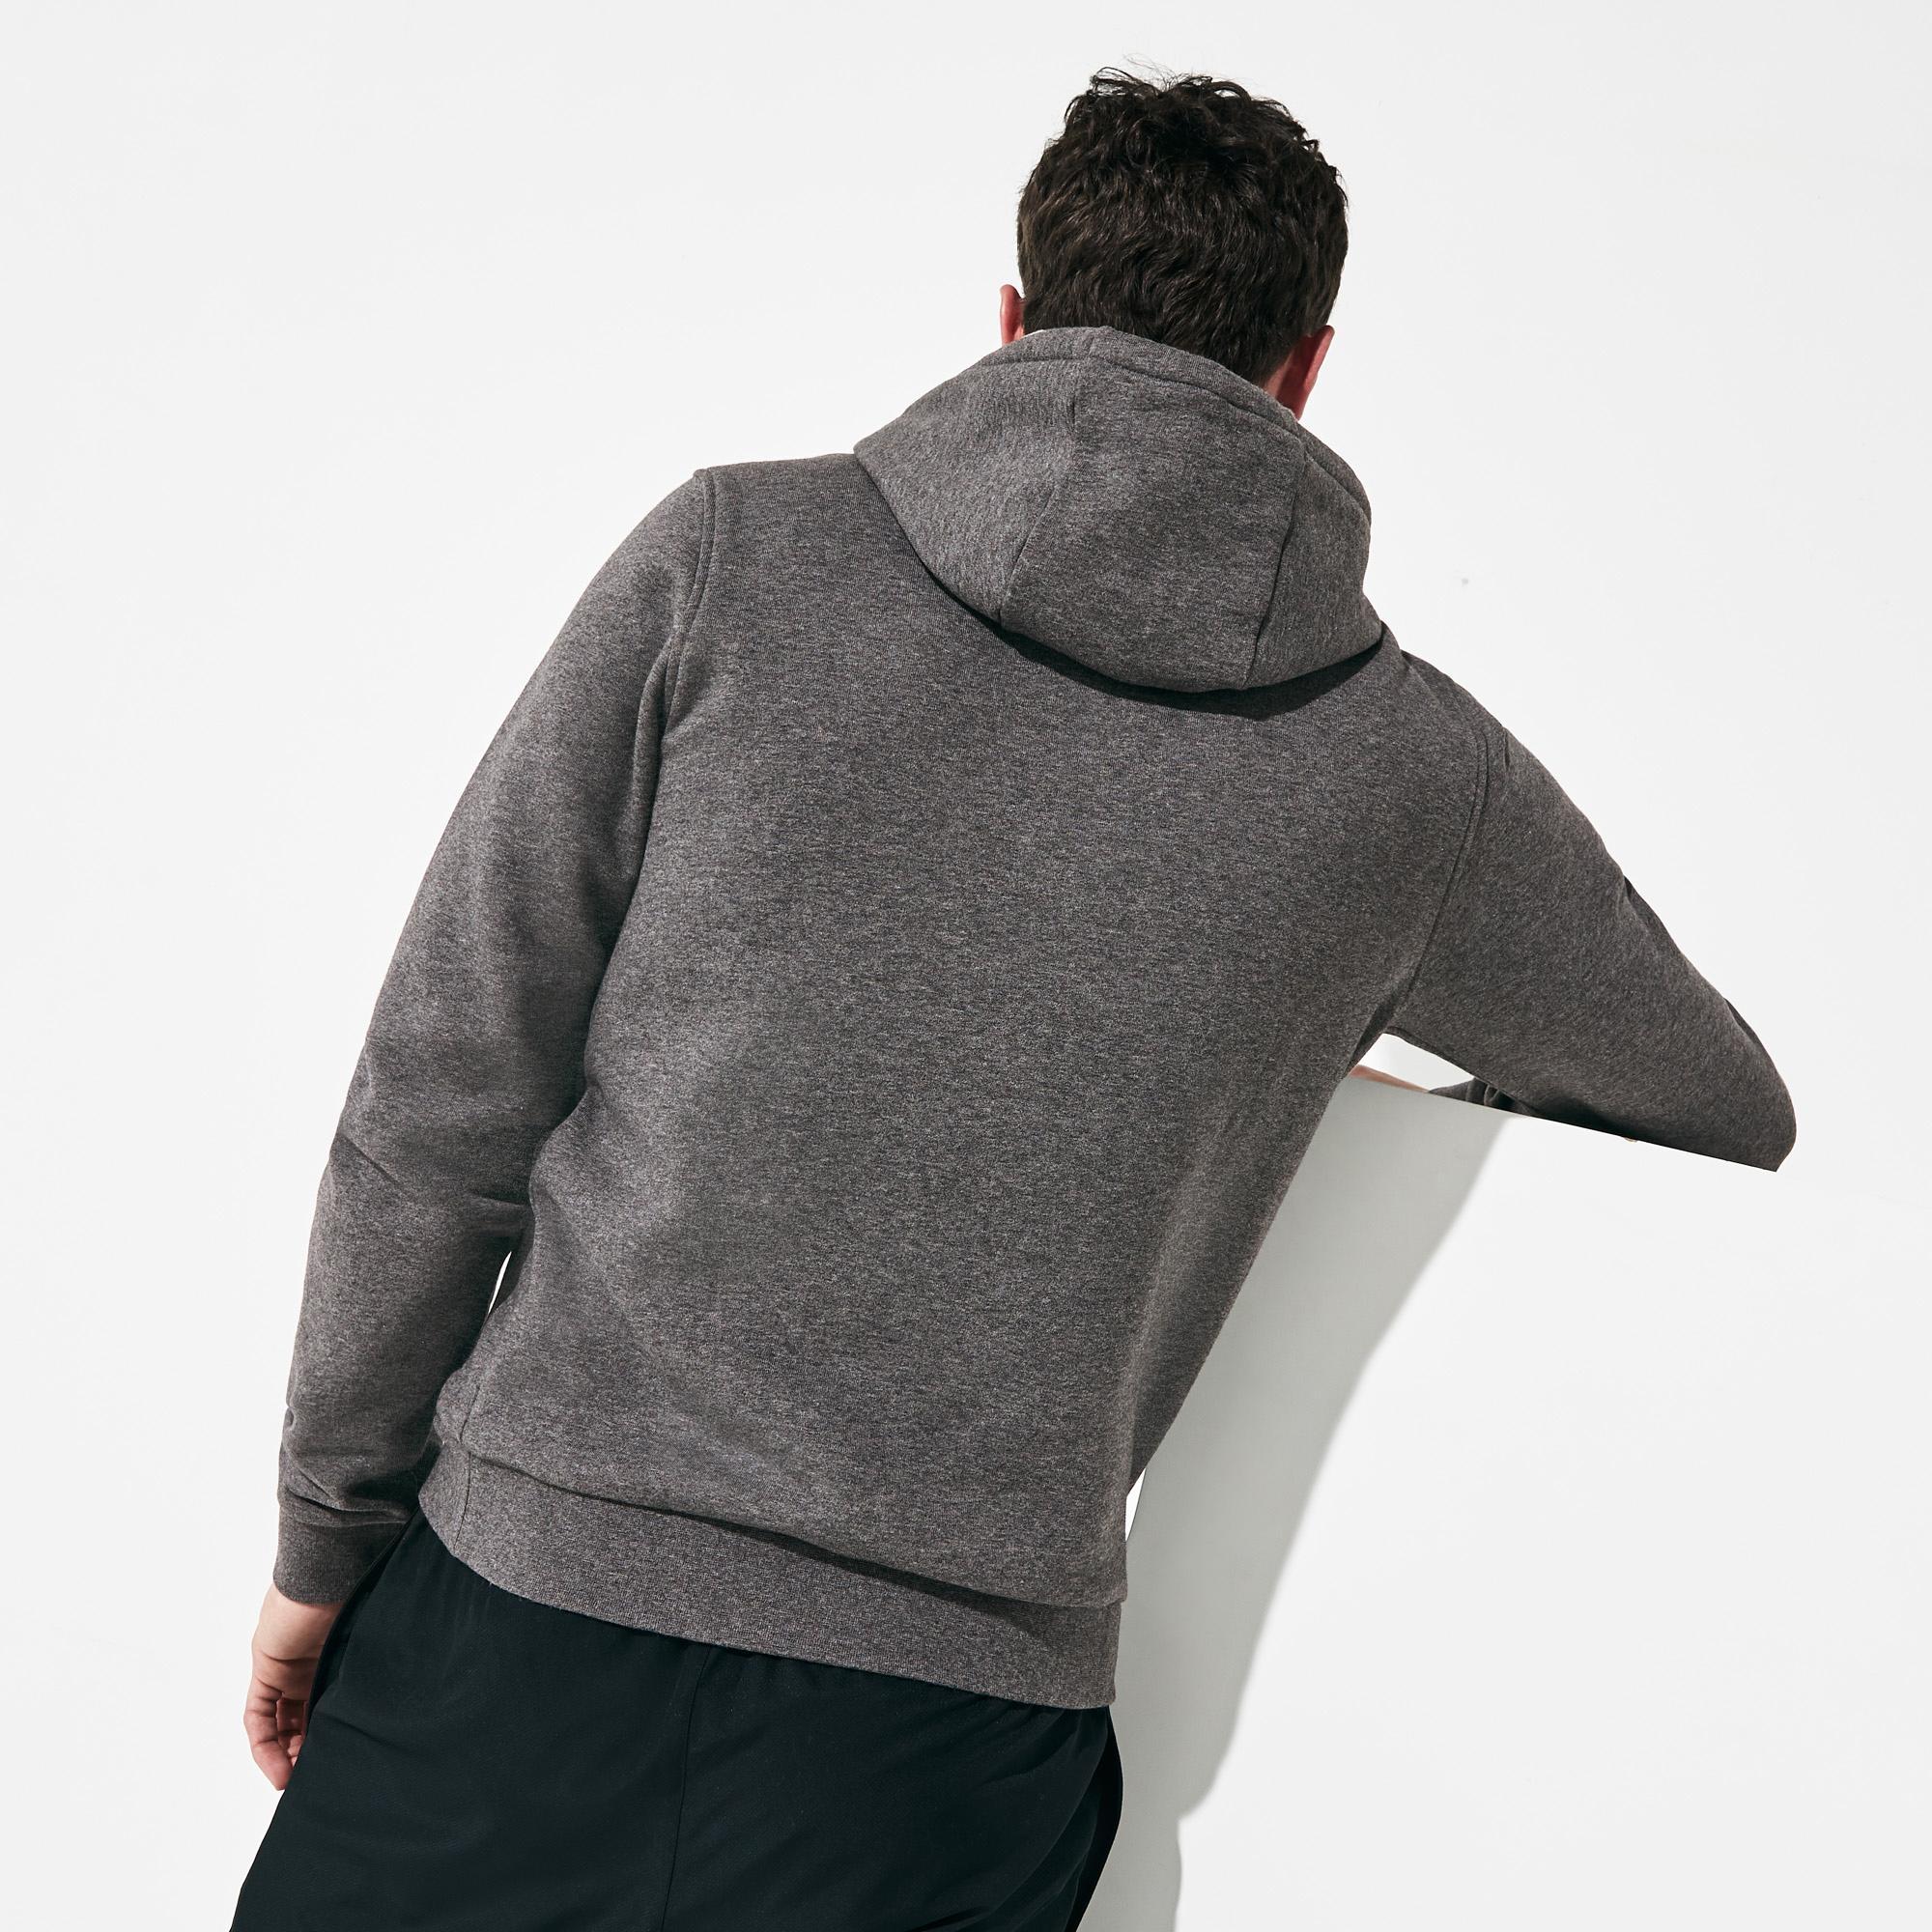 Lacoste Męska Sportowa Bluza Z Kapturem Do Gry W Tenisa Z Polaru